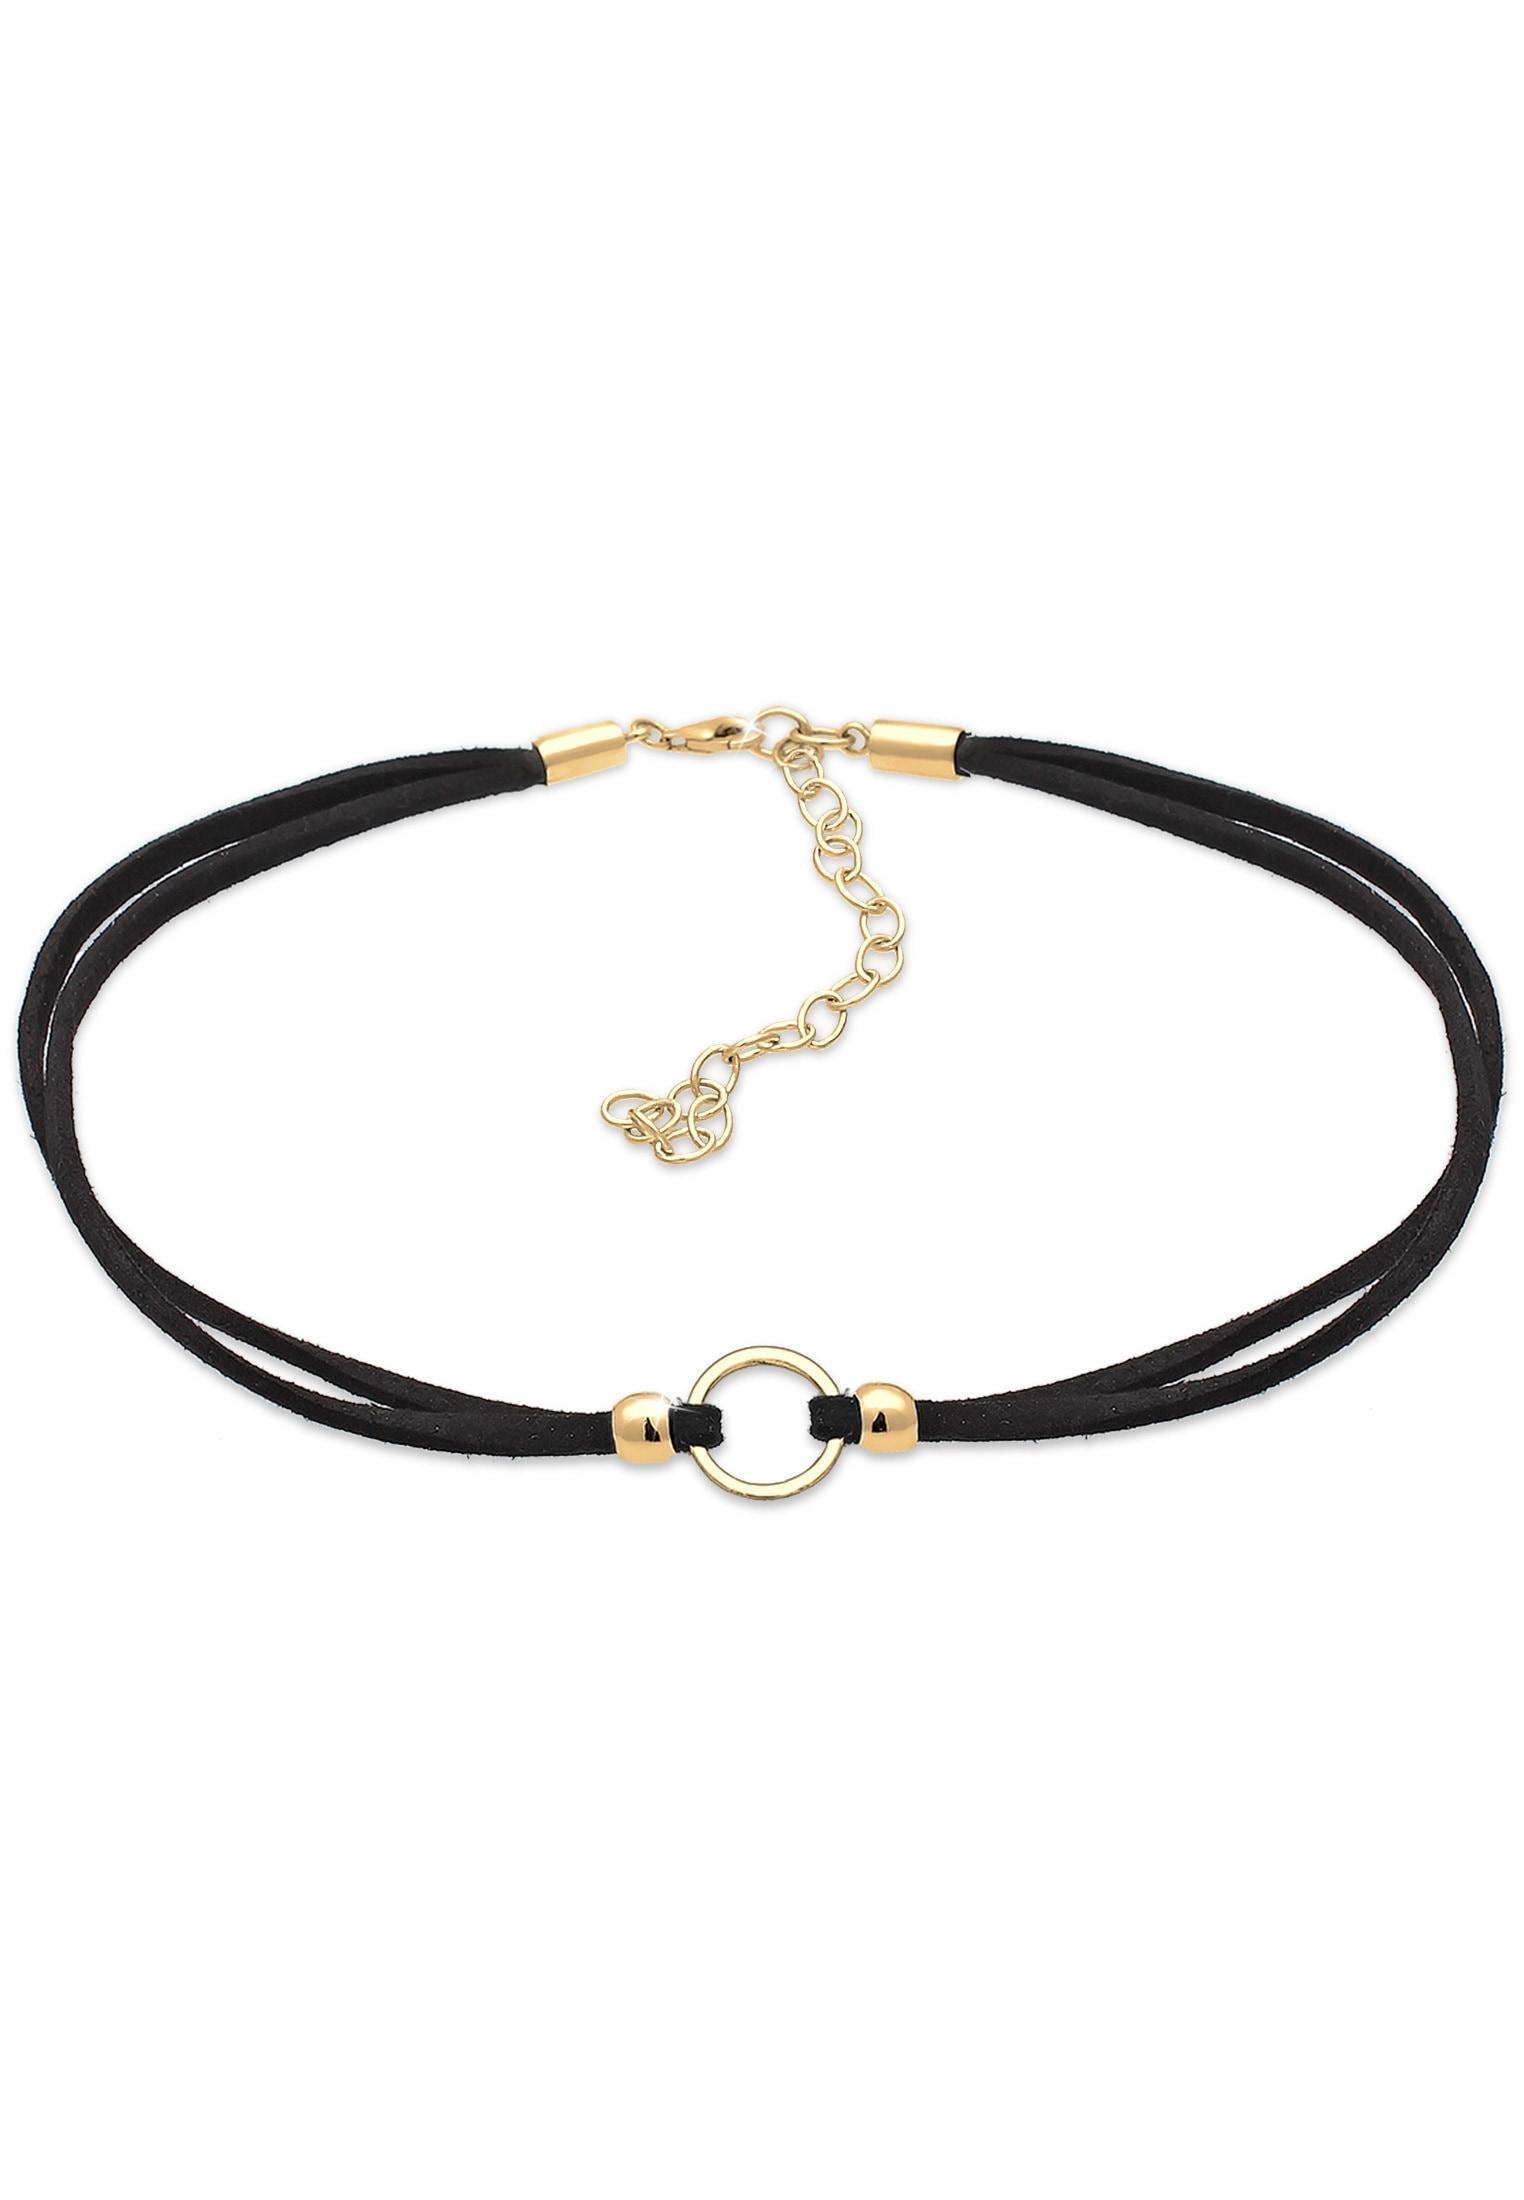 Elli Collierkettchen Halsband schwarz Choker mit Kreis 925 Silber | Schmuck > Halsketten > Halsbänder | Goldfarben | Elli